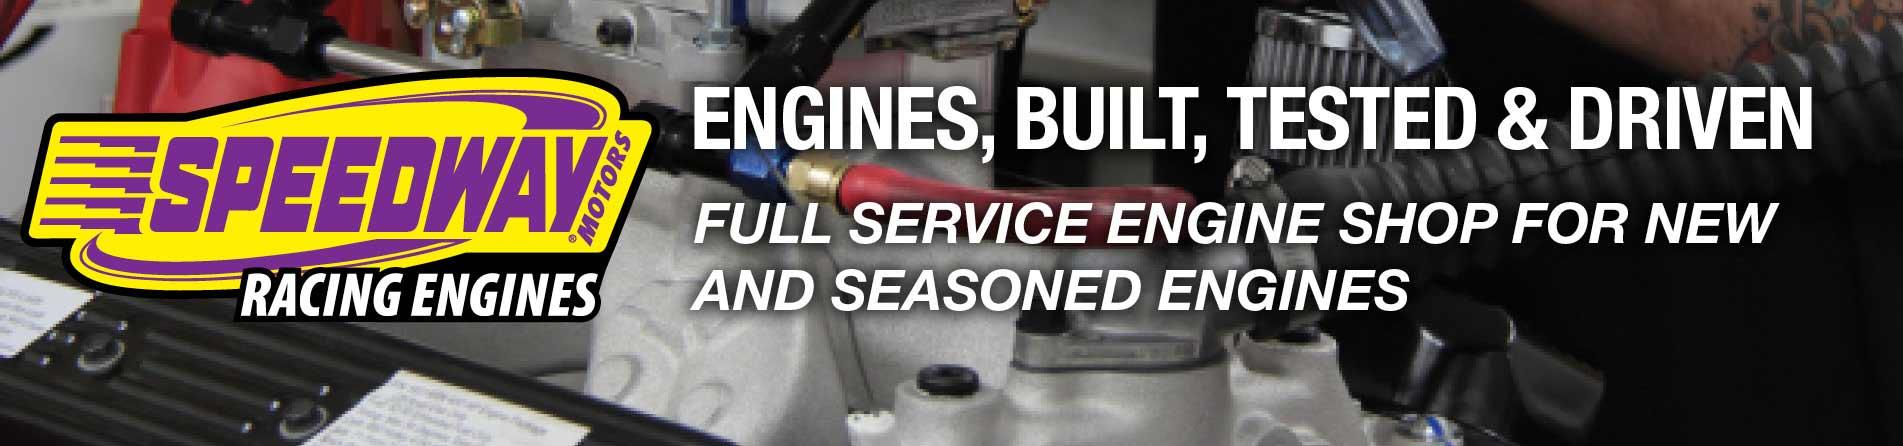 Speedway Racing Engines